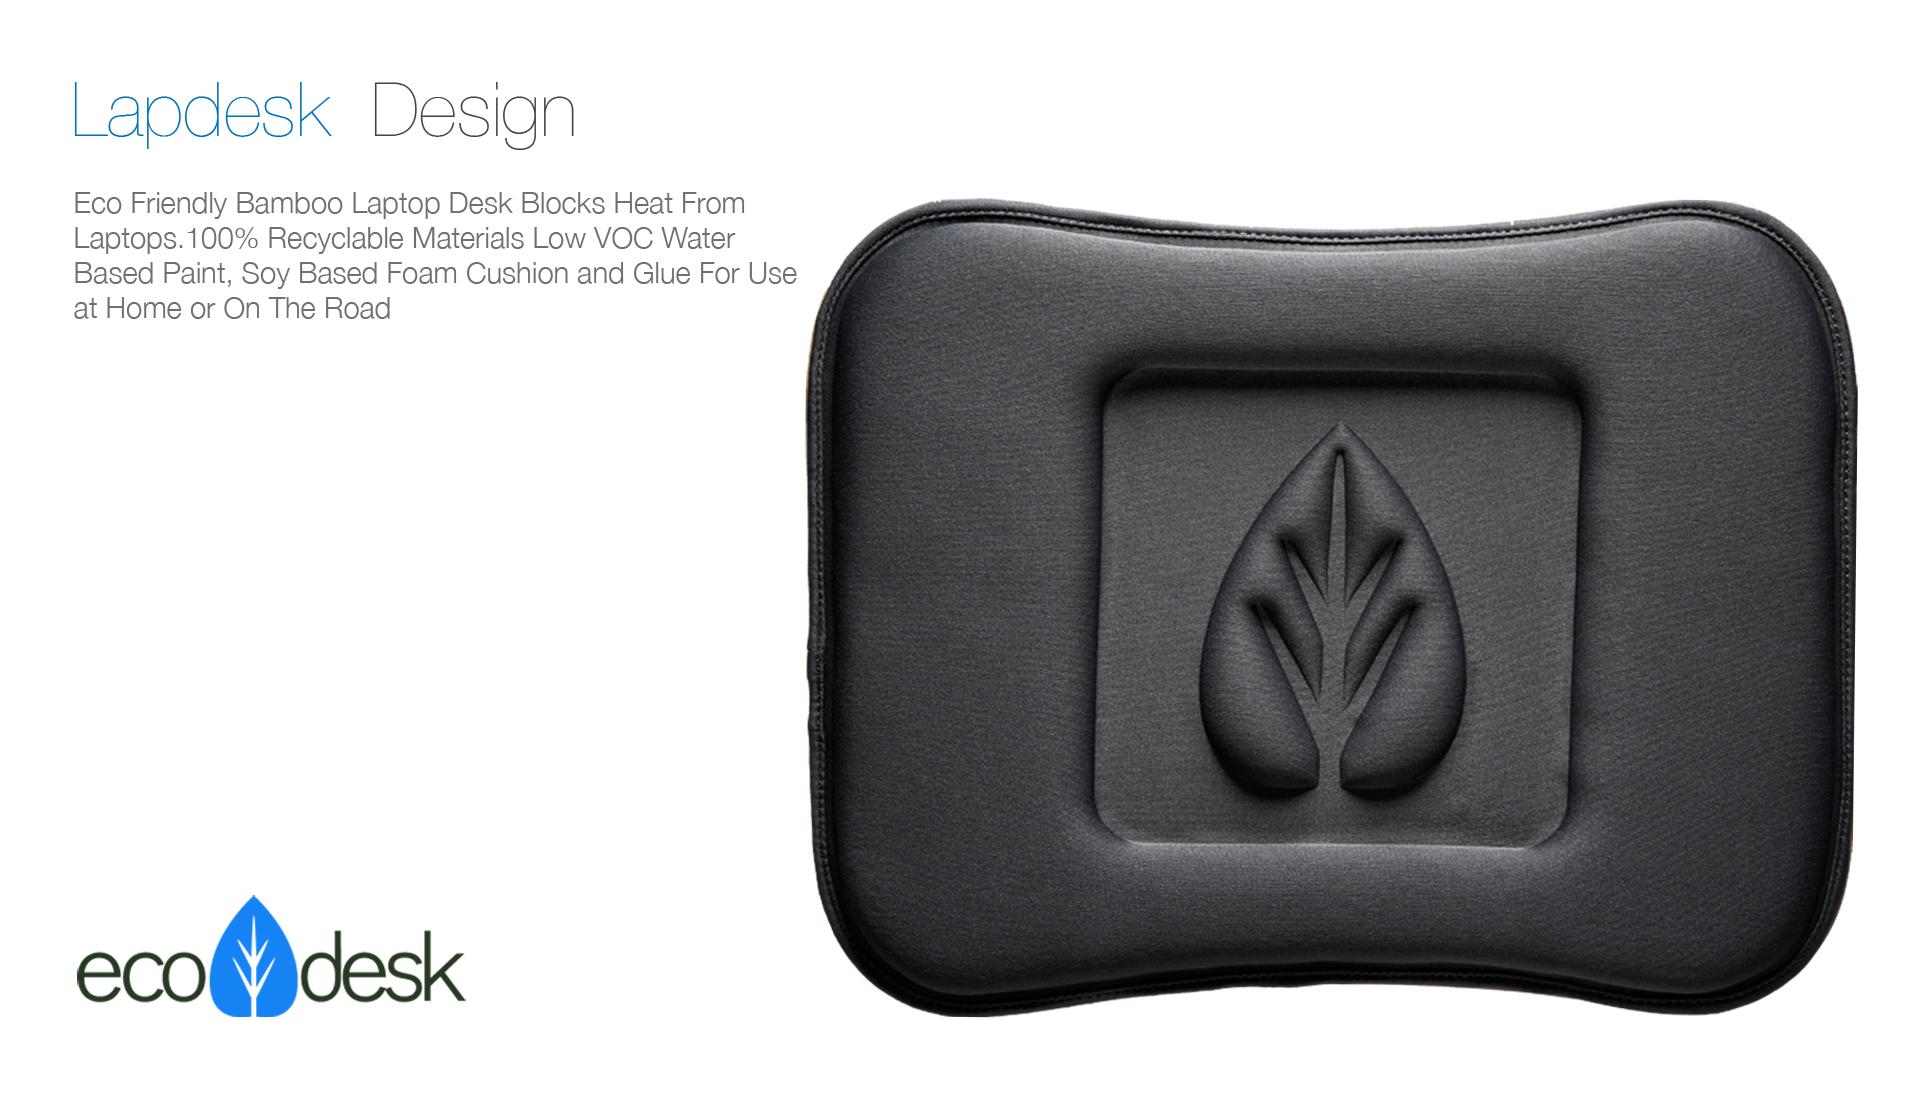 Project Slide Images Eco Desk2.jpg